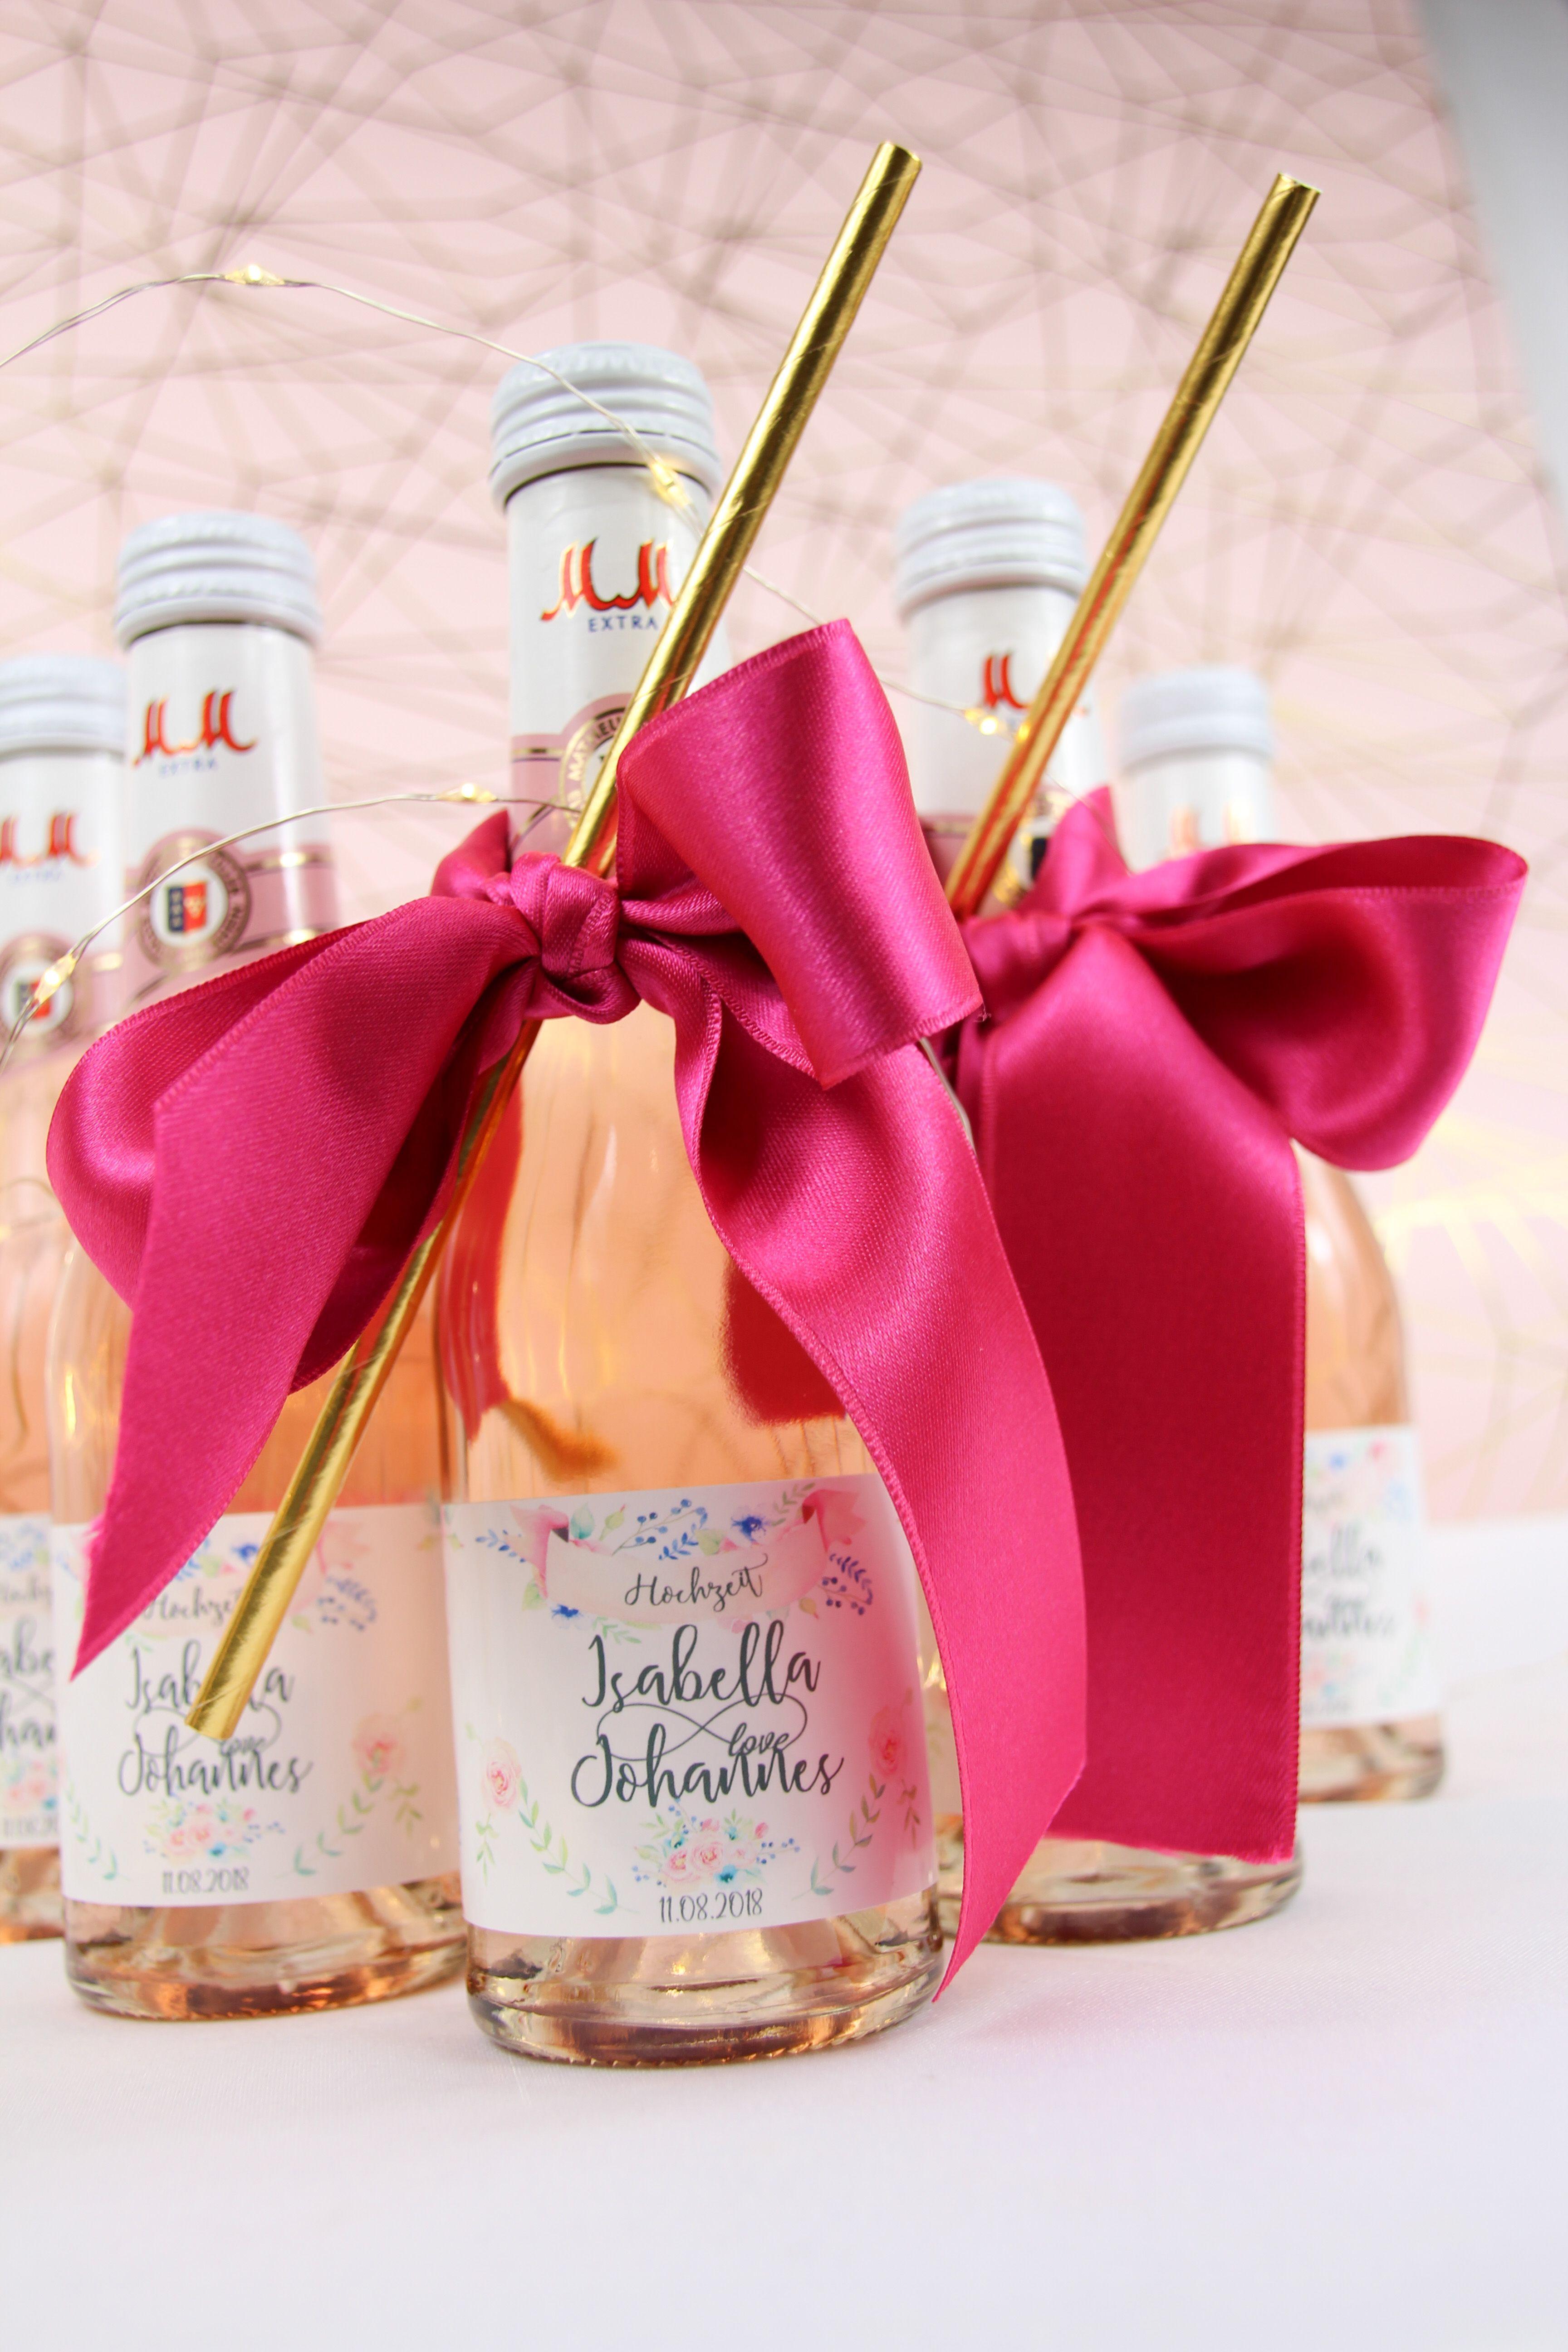 Sektempfang Hochzeit - personalisierte Etiketten für die Piccolos ...